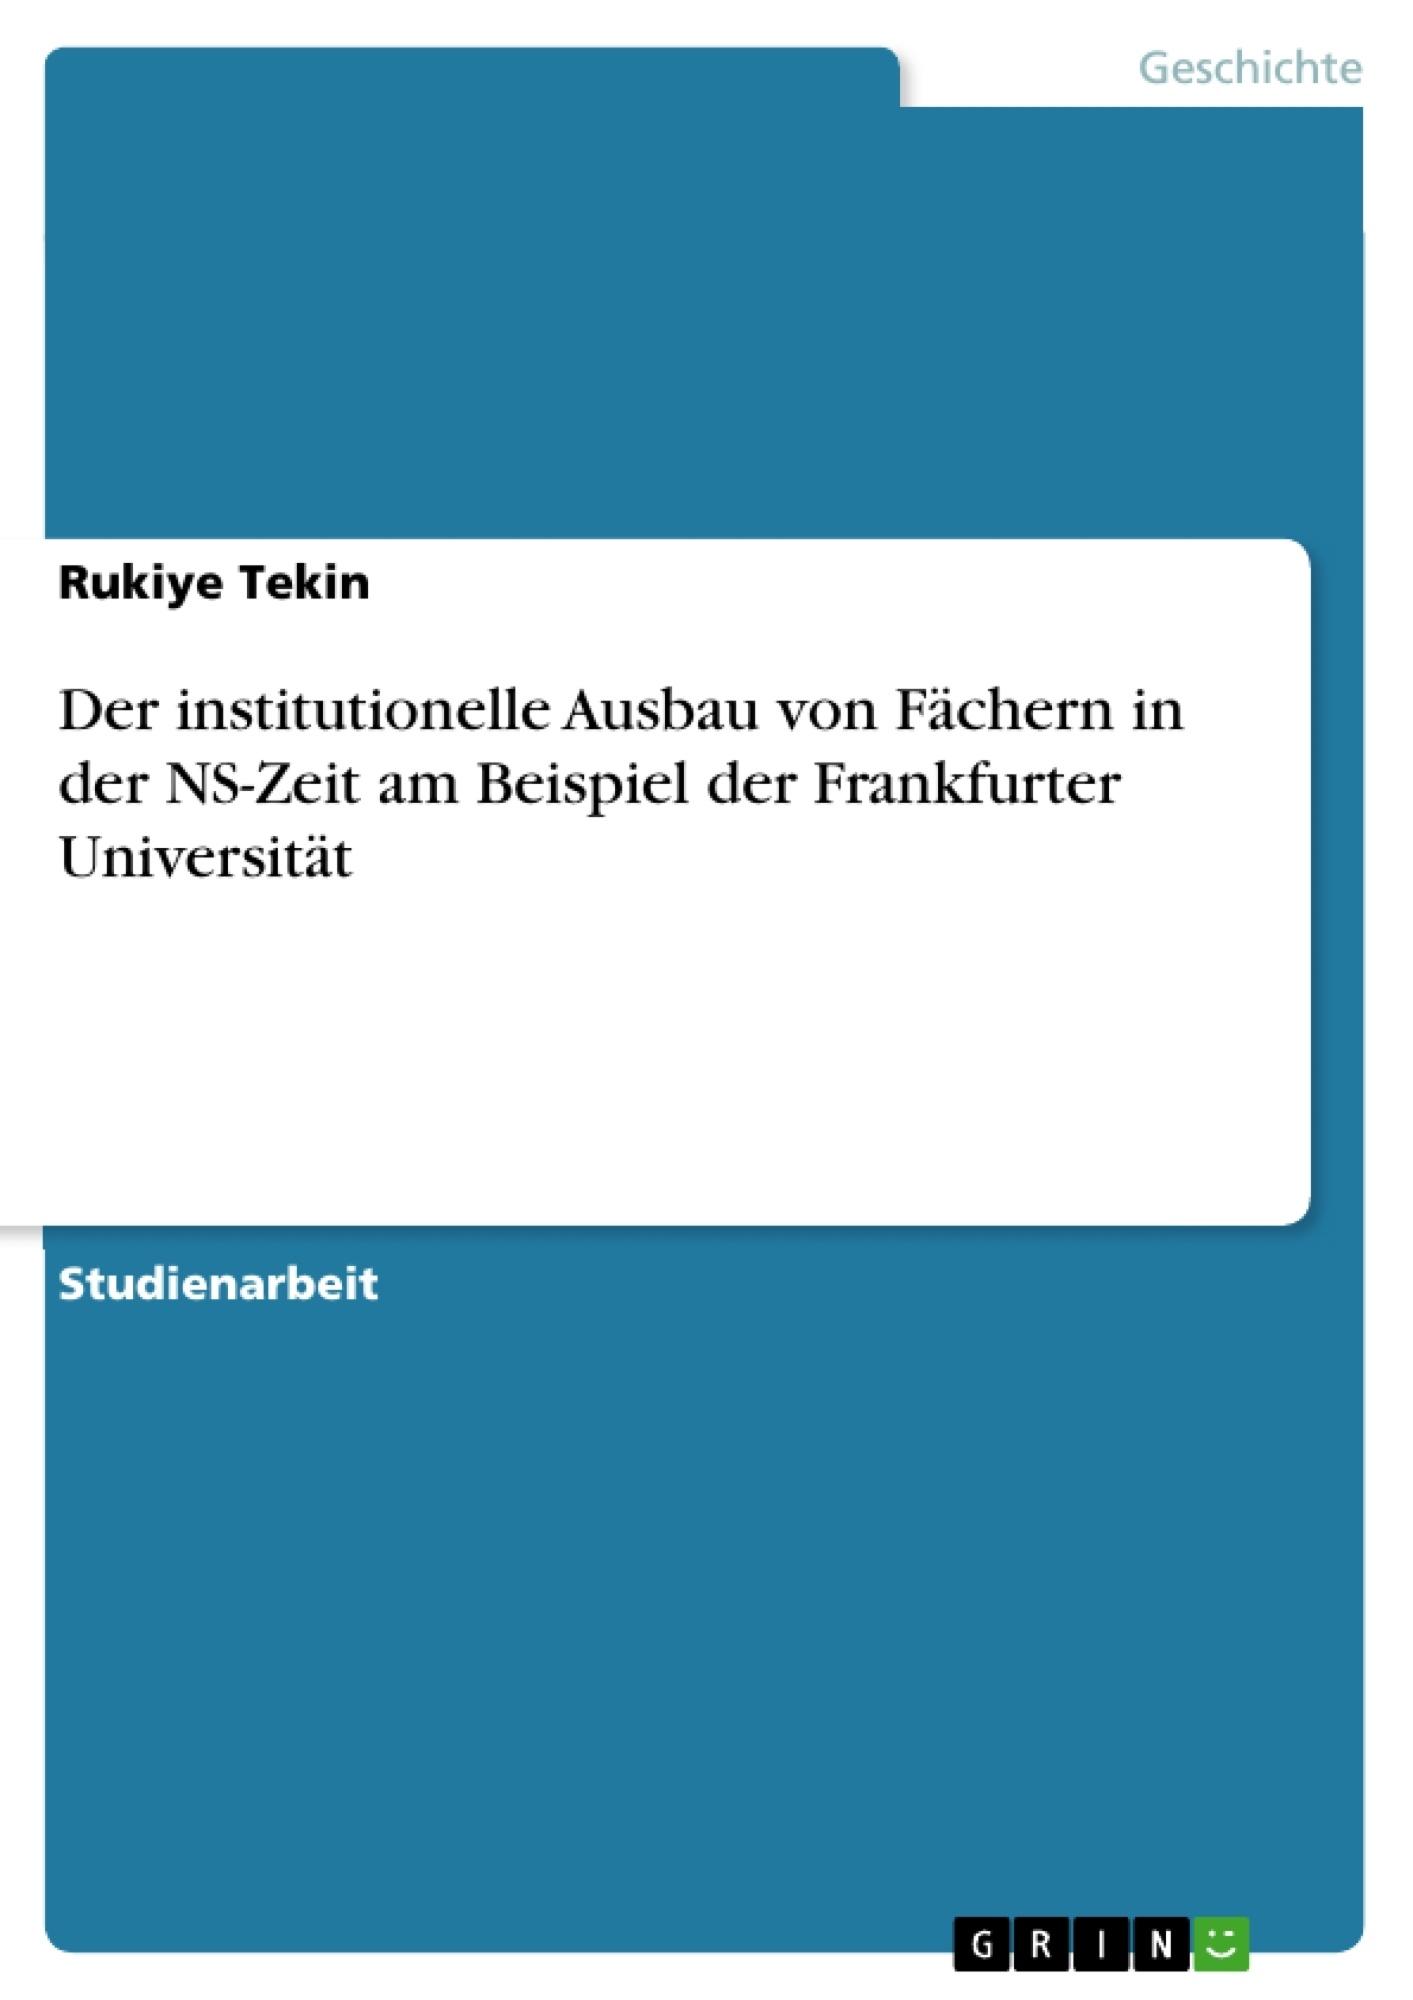 Titel: Der institutionelle Ausbau von Fächern in der NS-Zeit am Beispiel der Frankfurter Universität